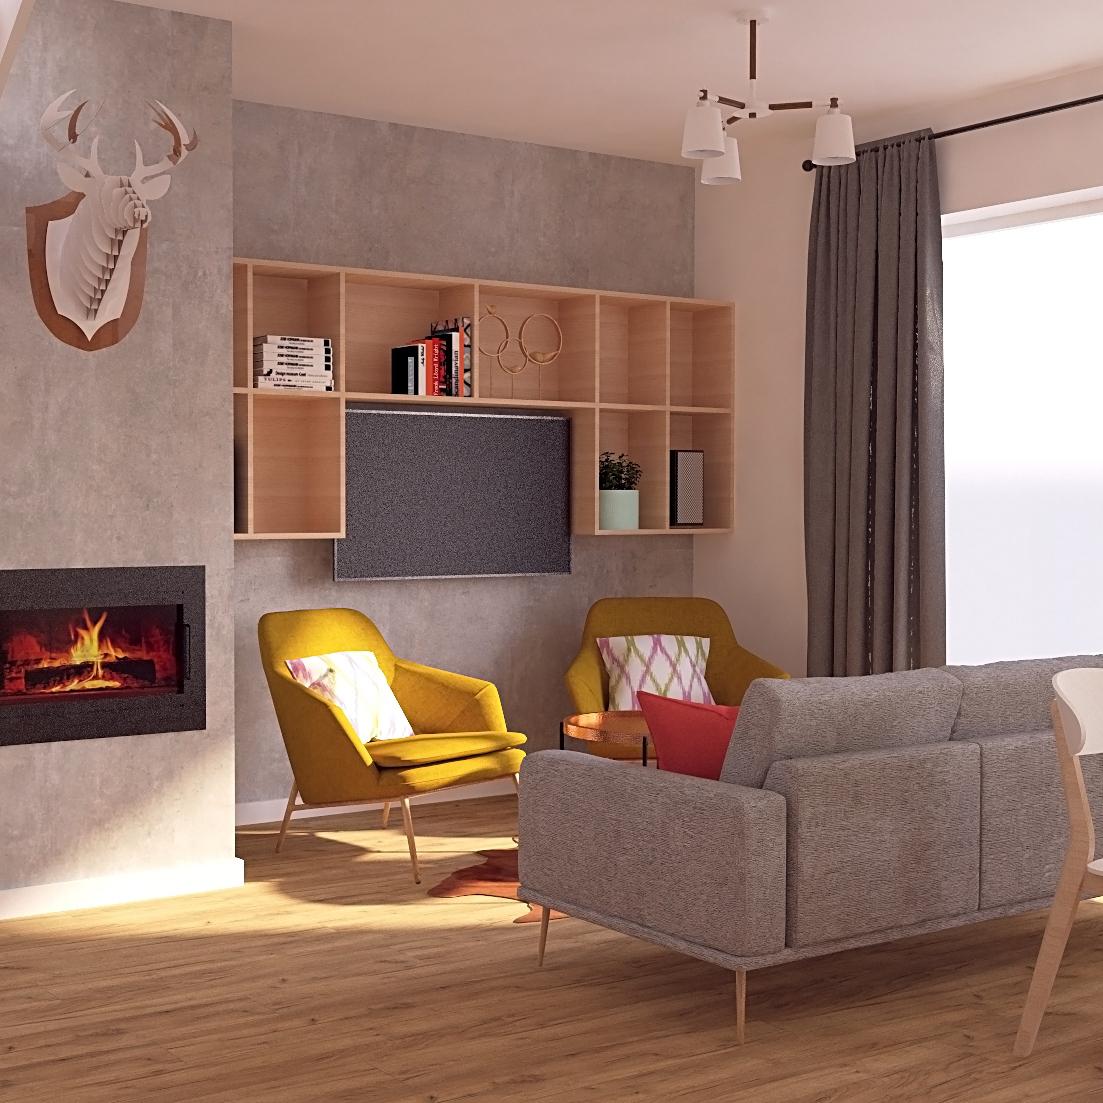 Projekt salonu wdomu jednorodzinnym typu stodoła